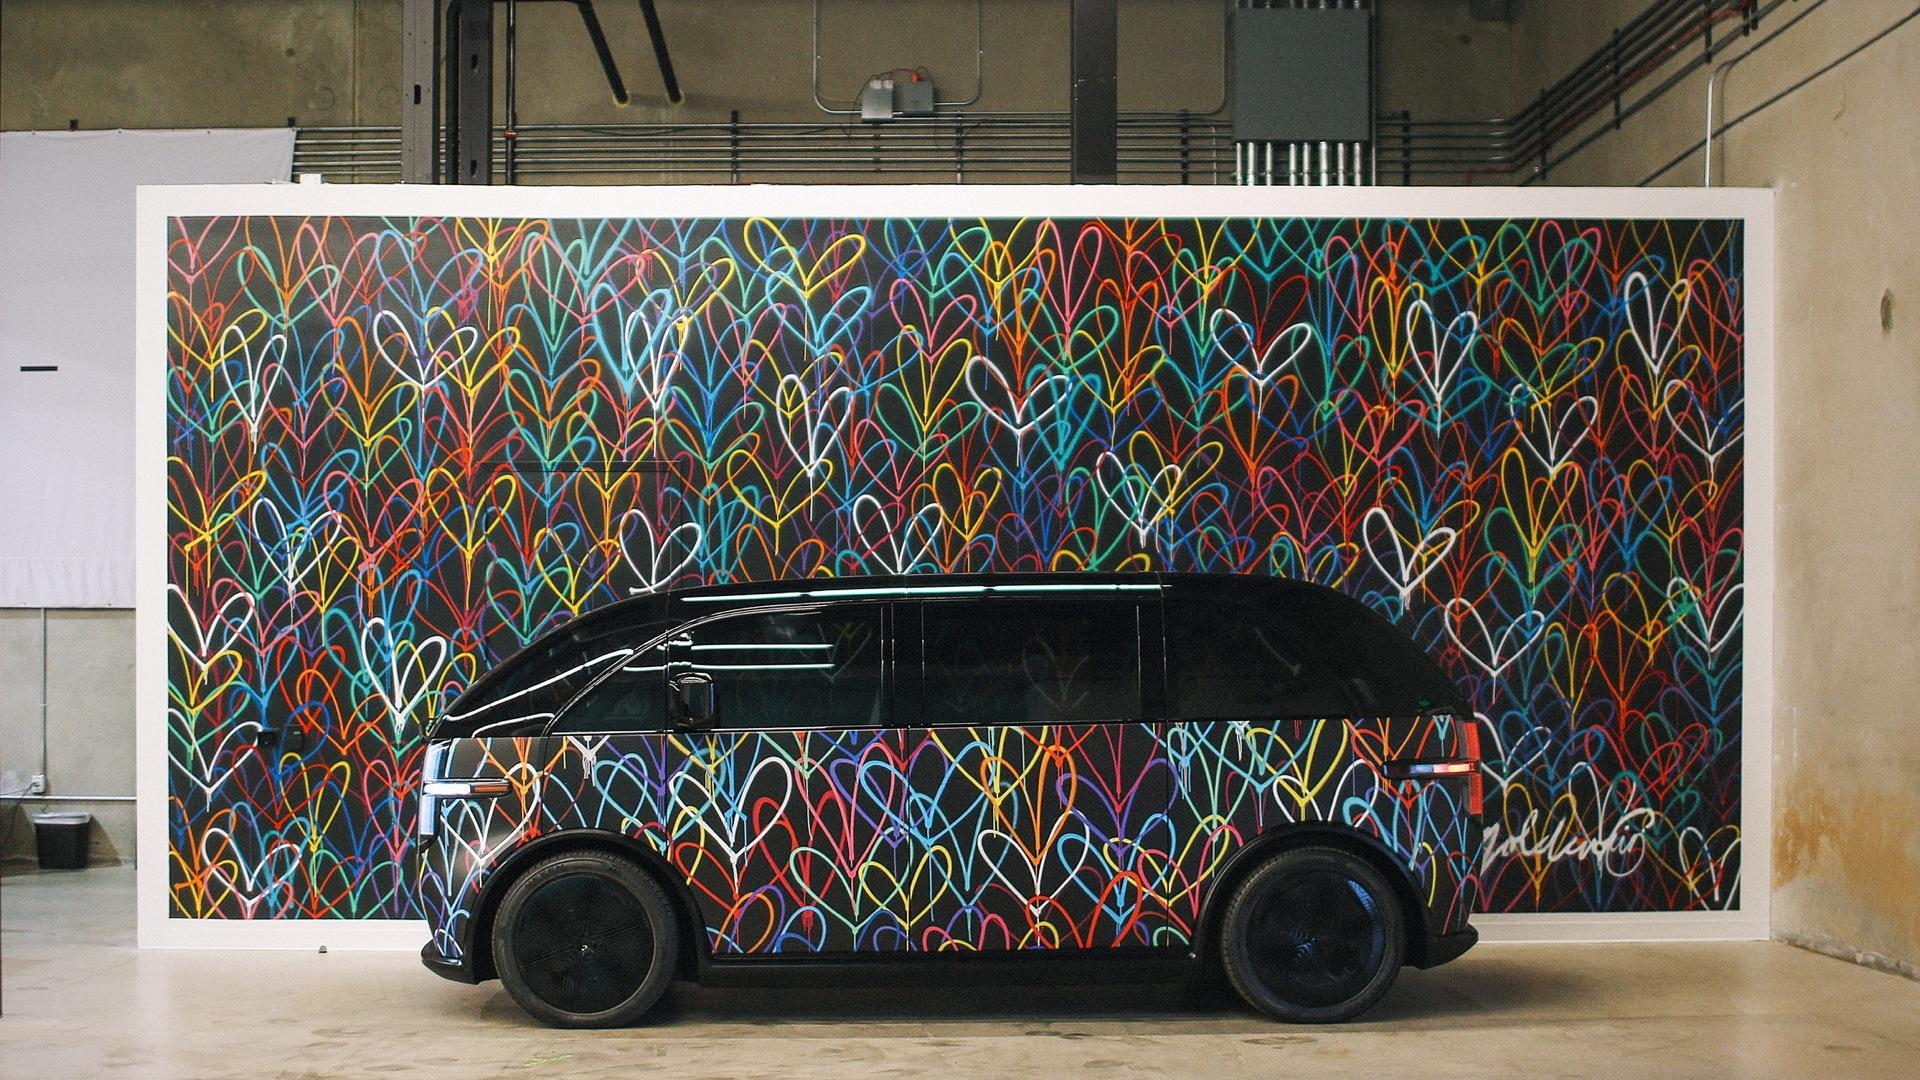 JGoldcrown mural for Canoo Canvas wrap program